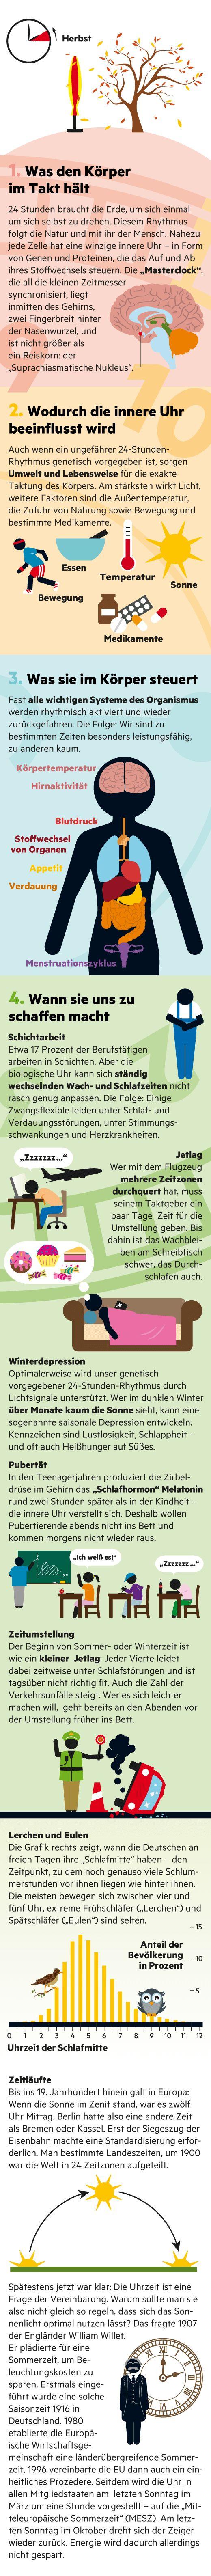 Zeitumstellung: Wann werden die Uhren wieder umgestellt? | STERN.de